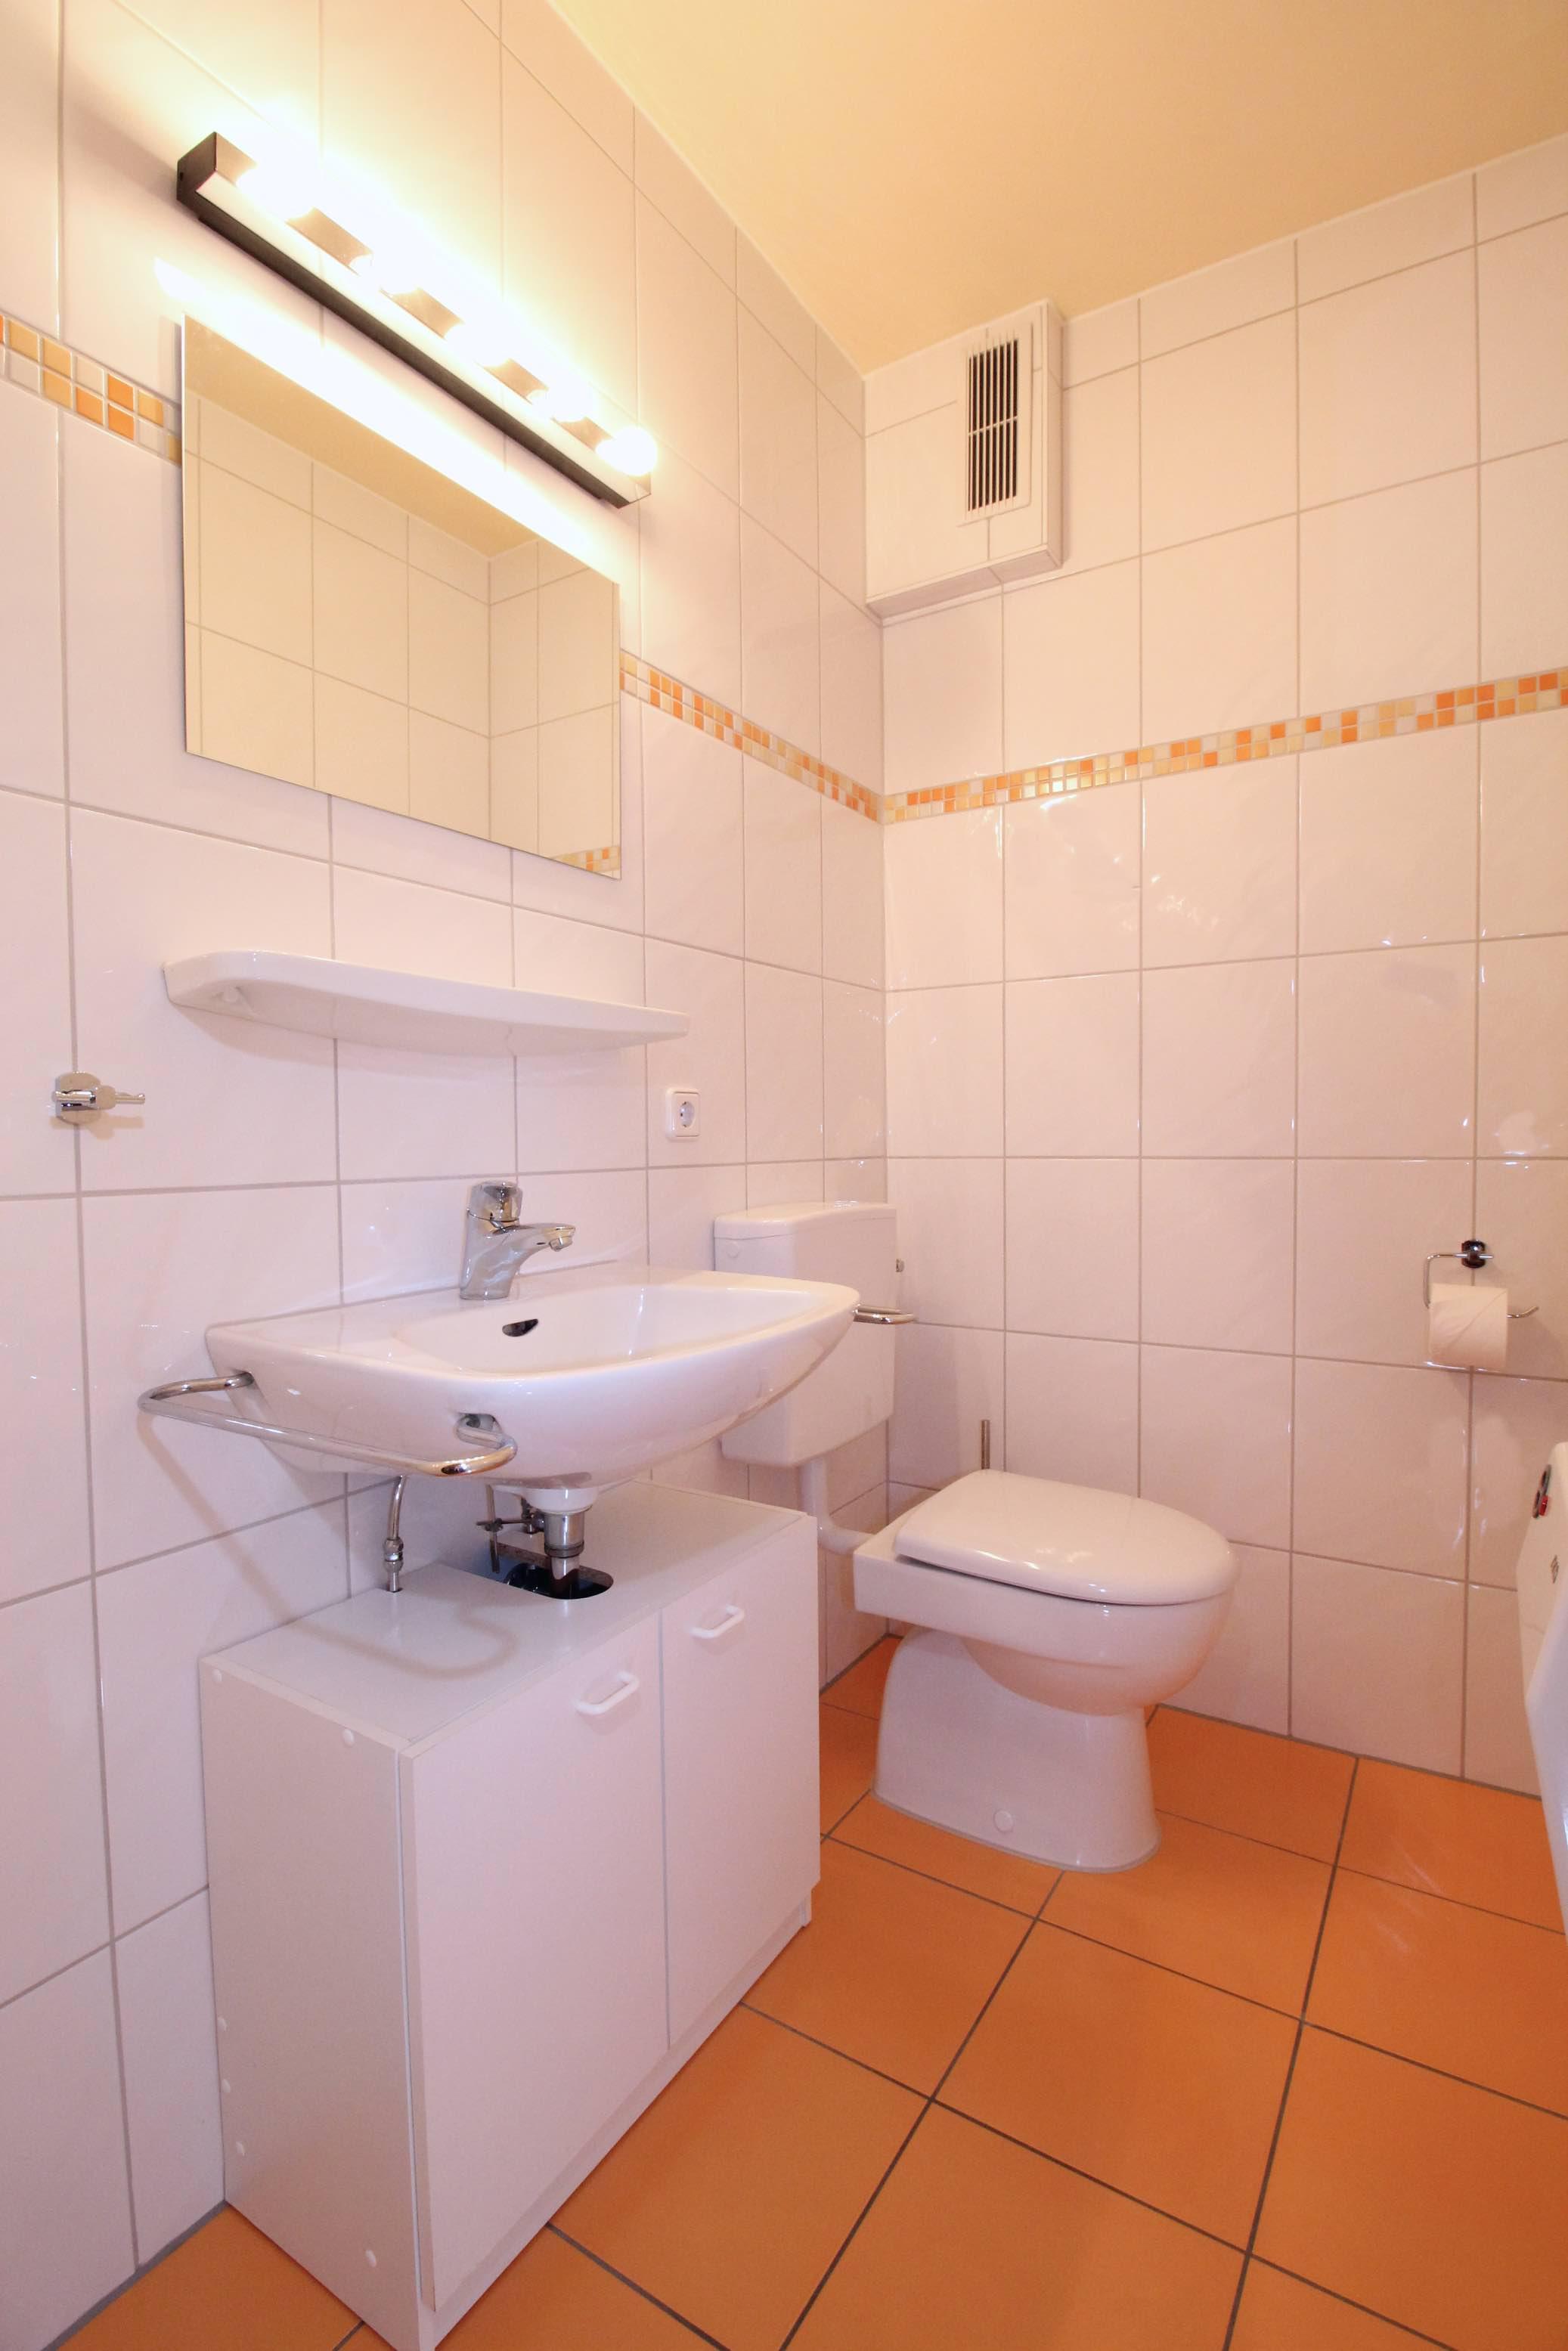 WC:Die zweite Toilette bietet eine zusätzliche Waschgelegenheit